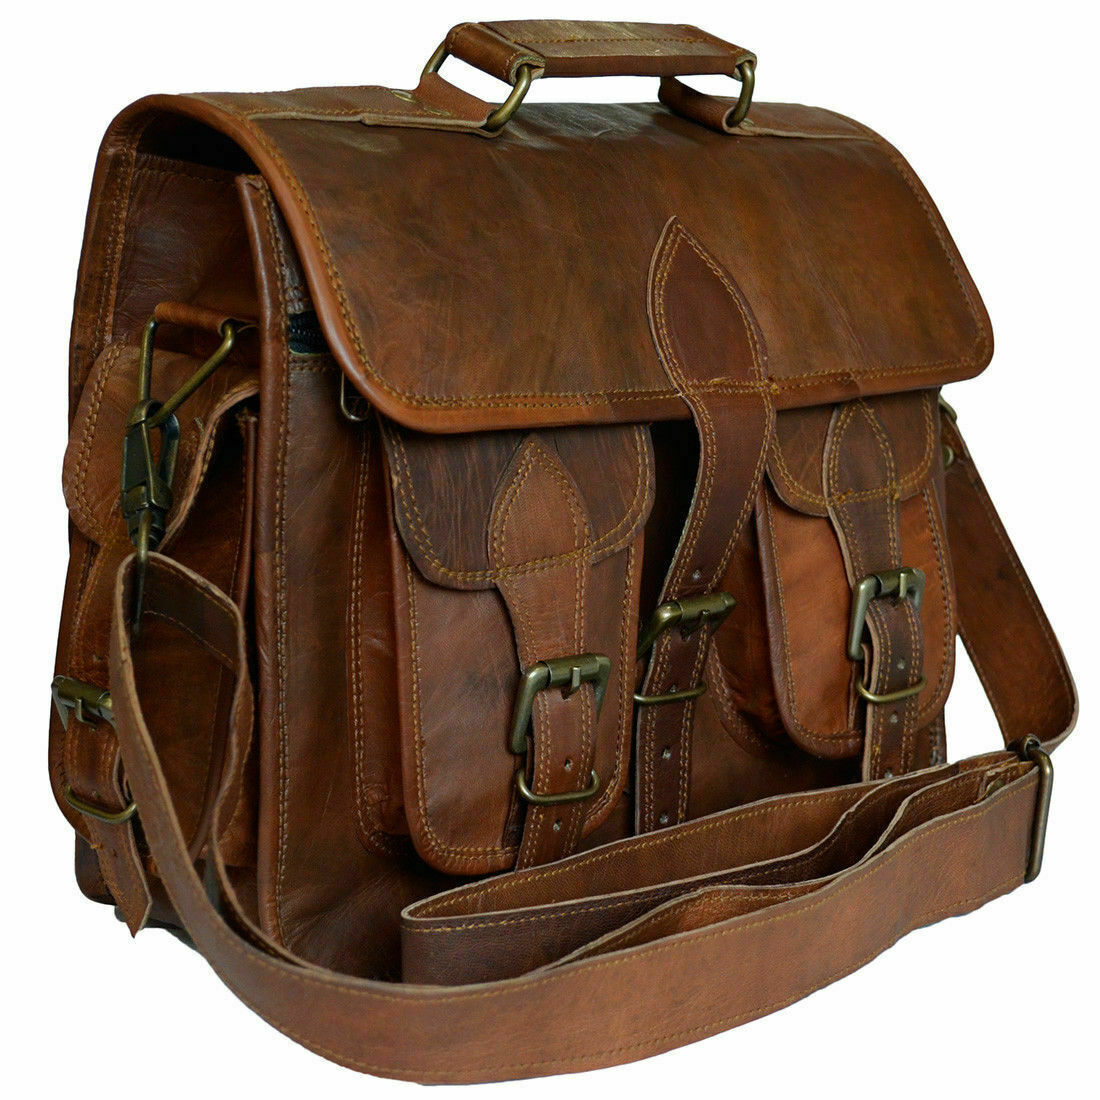 Handmade Men's Genuine Leather Vintage Laptop Messenger Briefcase Bag Satchel